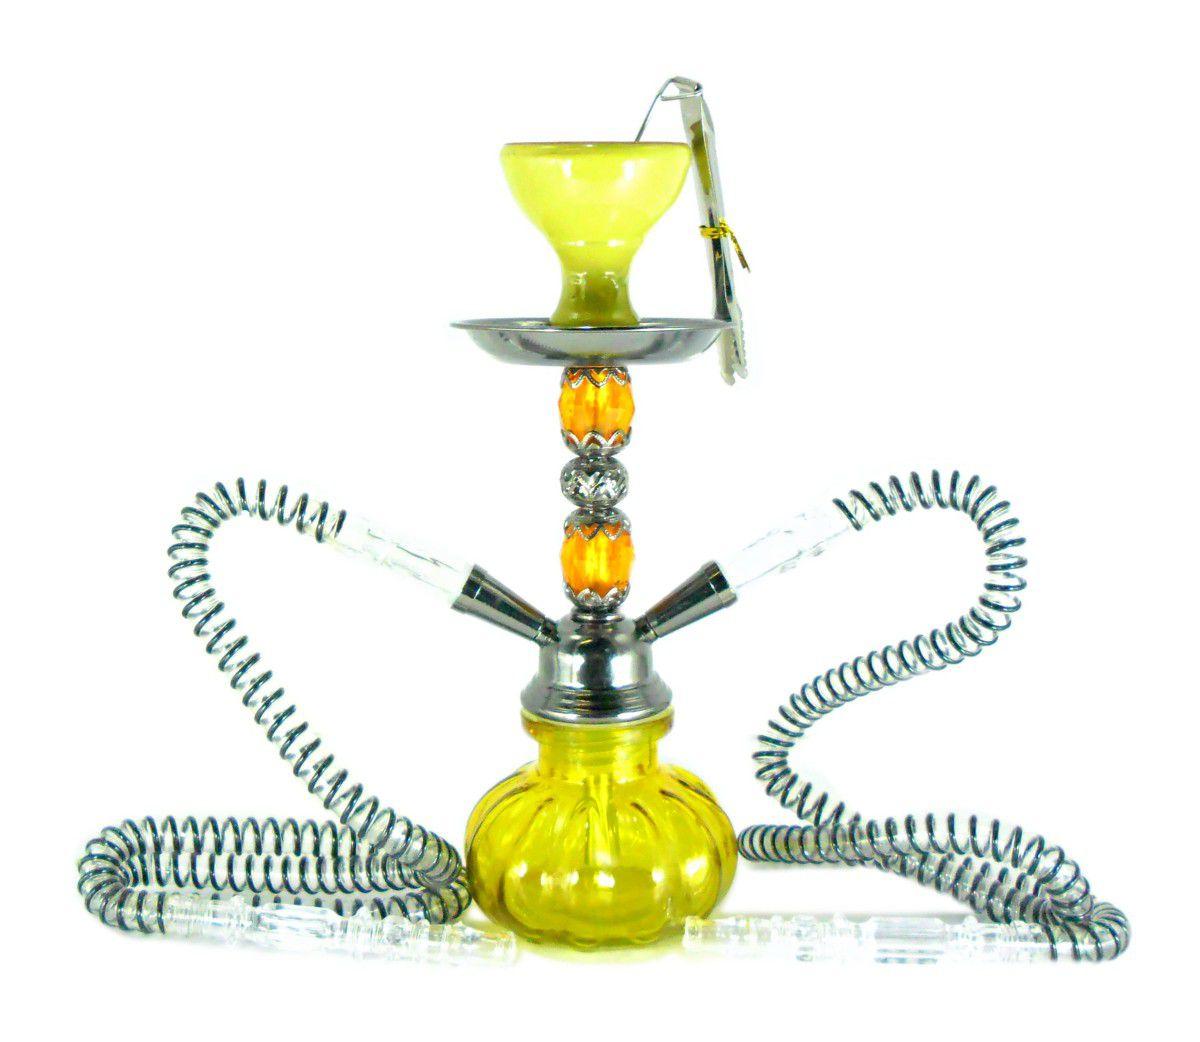 Narguile MOON compacto (29cm), duas mangueiras, vaso vidro AMARELO, corpo PRETO METÁLICO. AT7144AMA